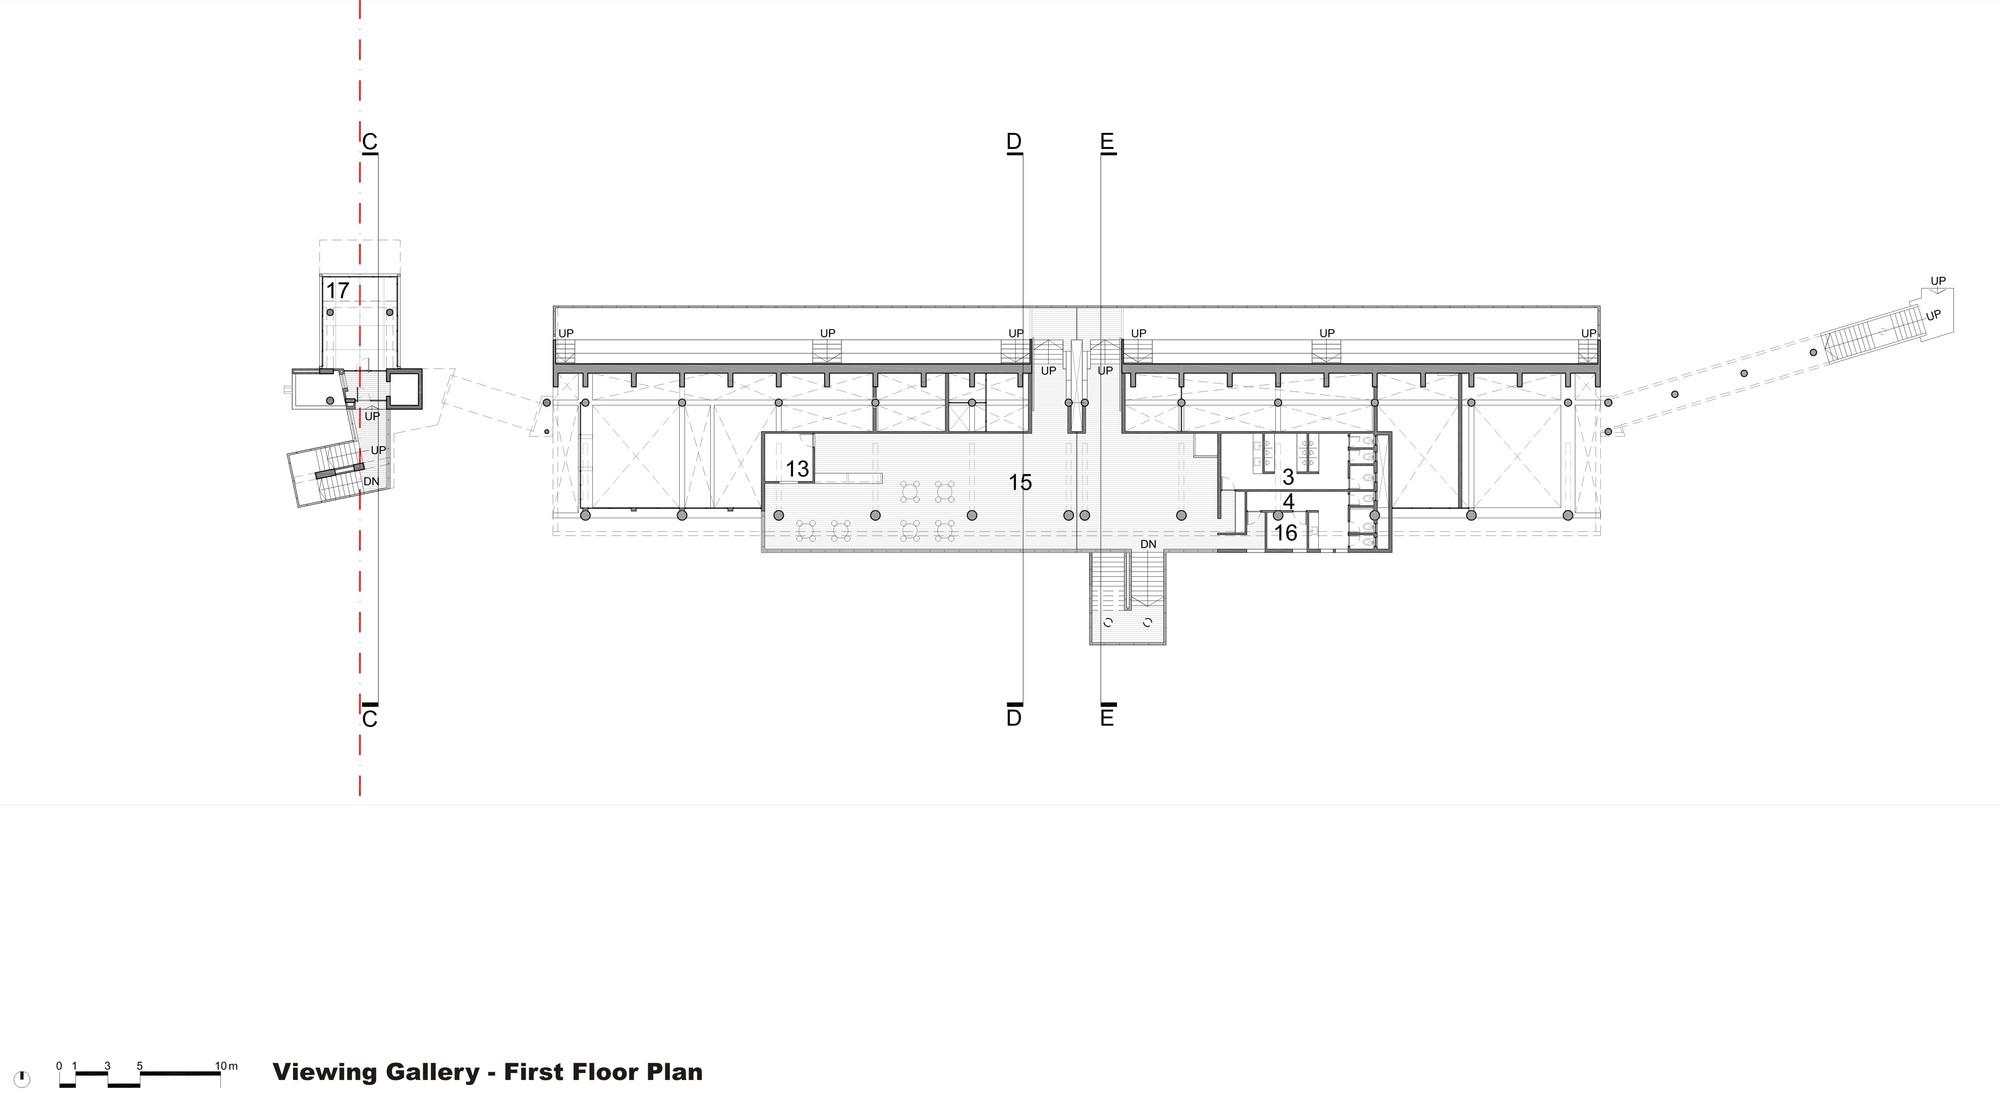 army rowing node floor plan [ 2000 x 1098 Pixel ]